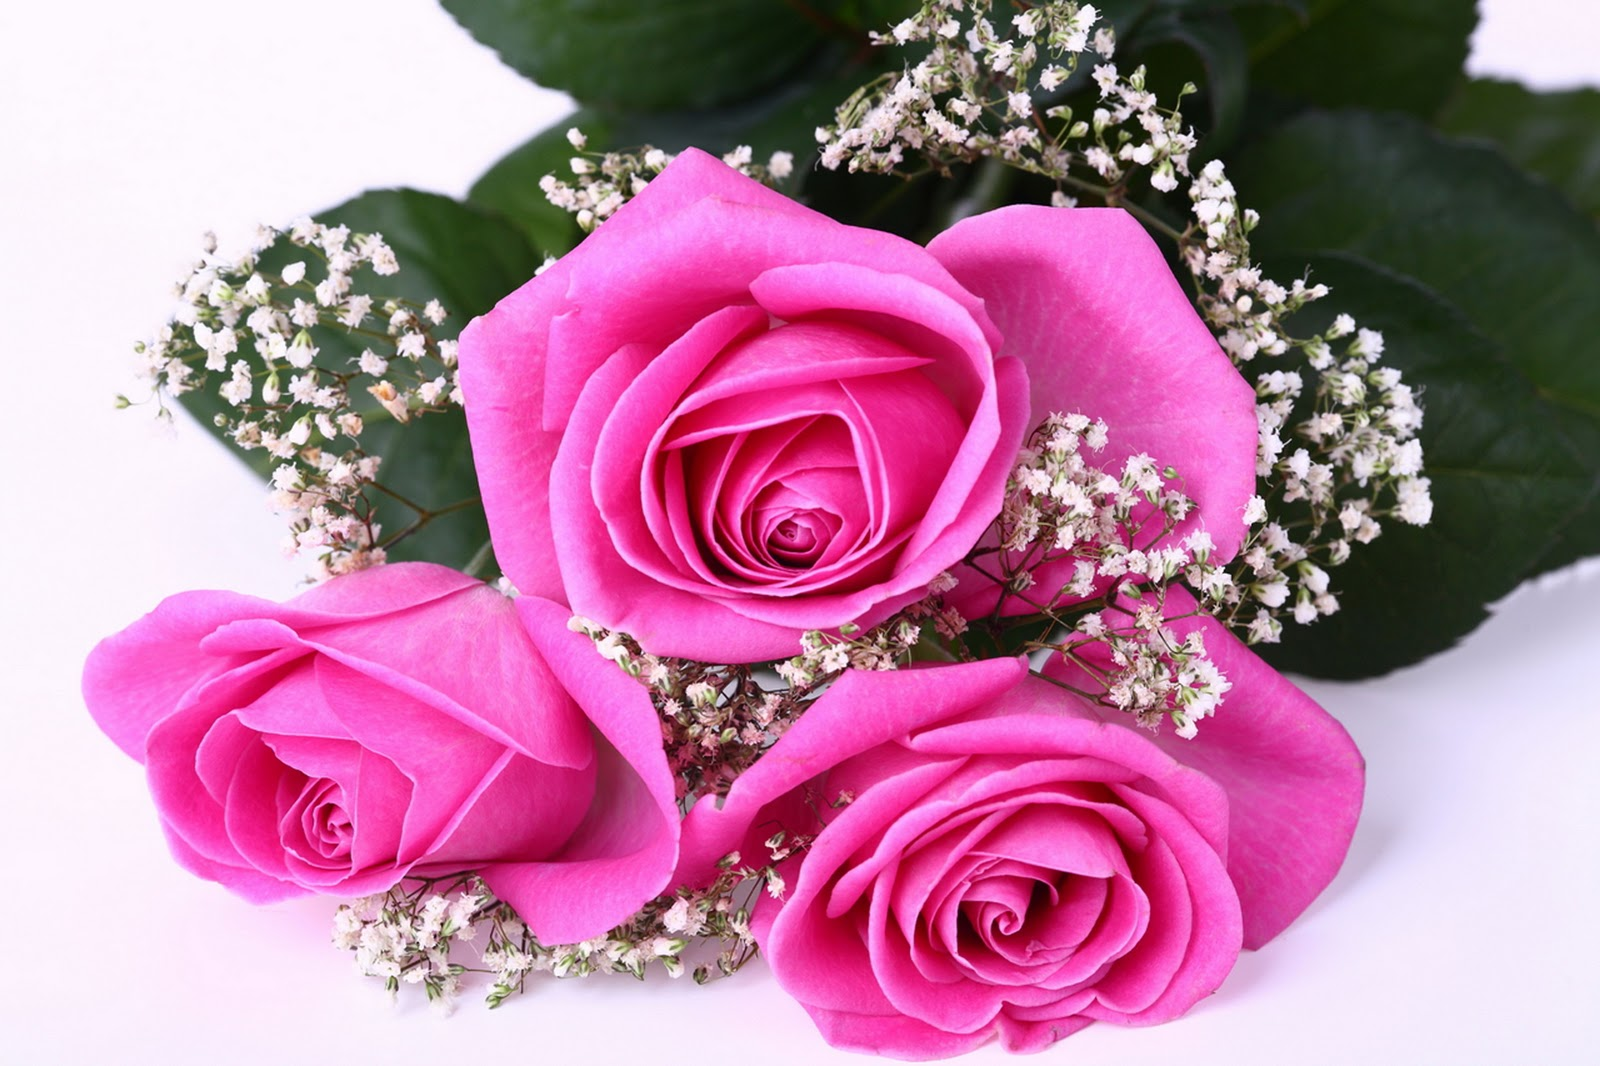 Gambar Bunga Mawar yang Cantik-Cantik